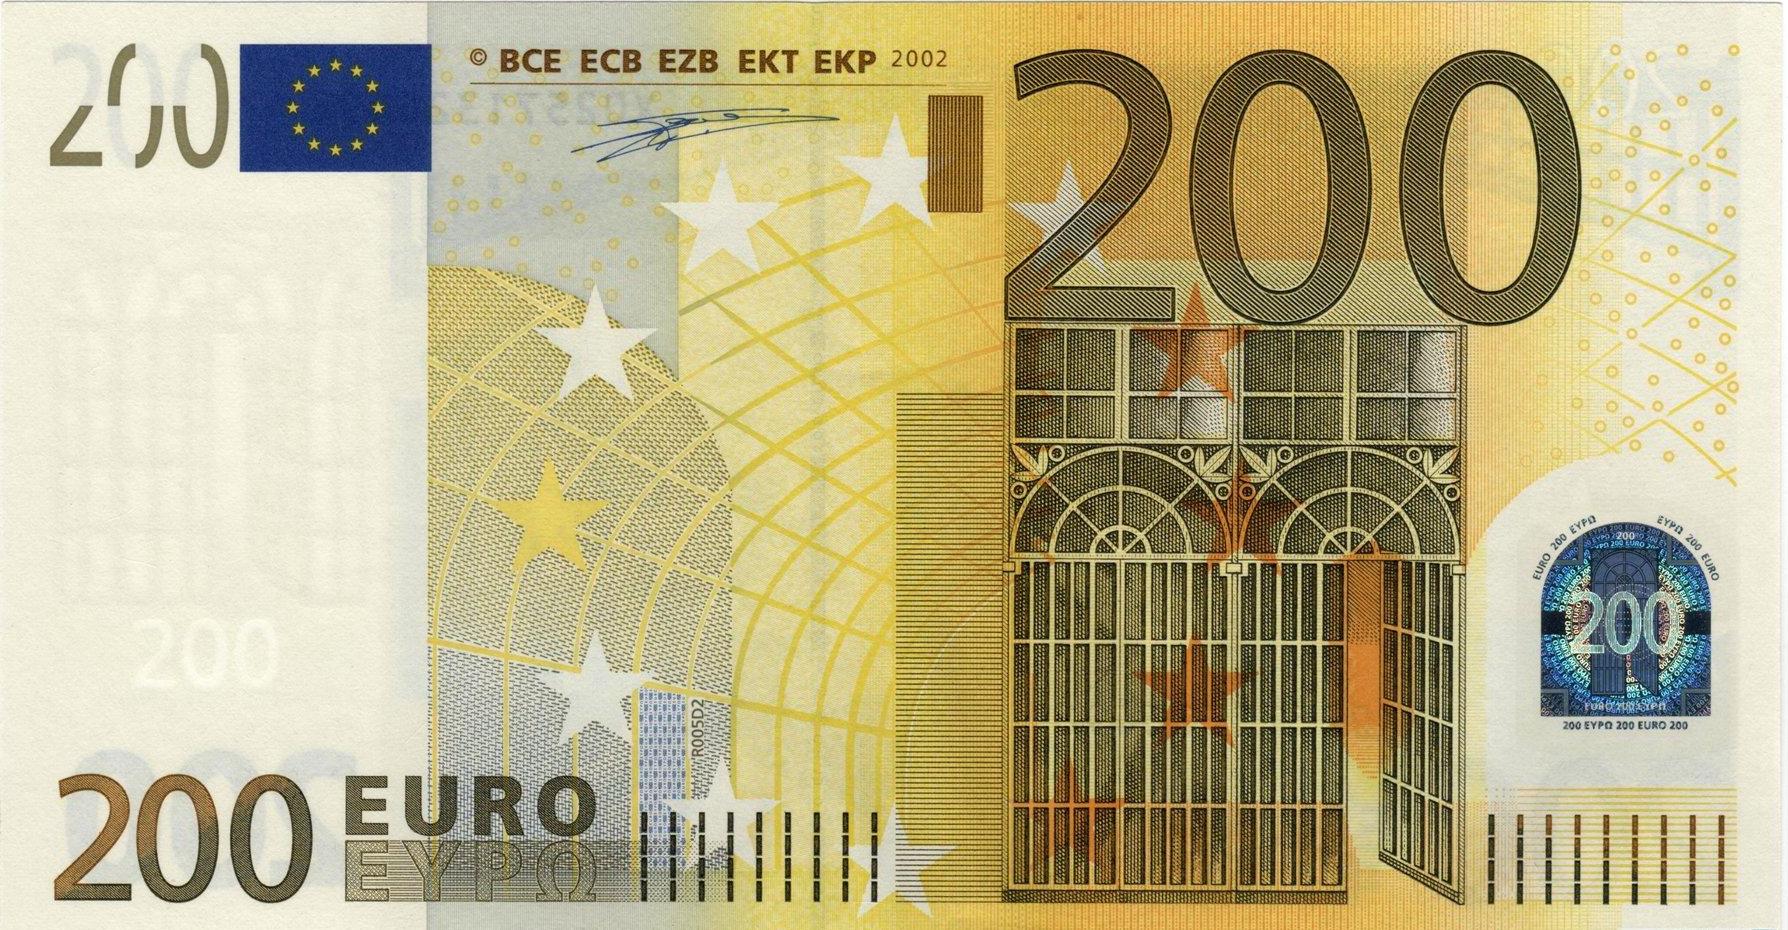 Банкнота 2002 года номиналом 200 евро: цвет – желтый, архитектурный стиль – индустриальный (модерн). Источник http://banknotes.finance.ua/